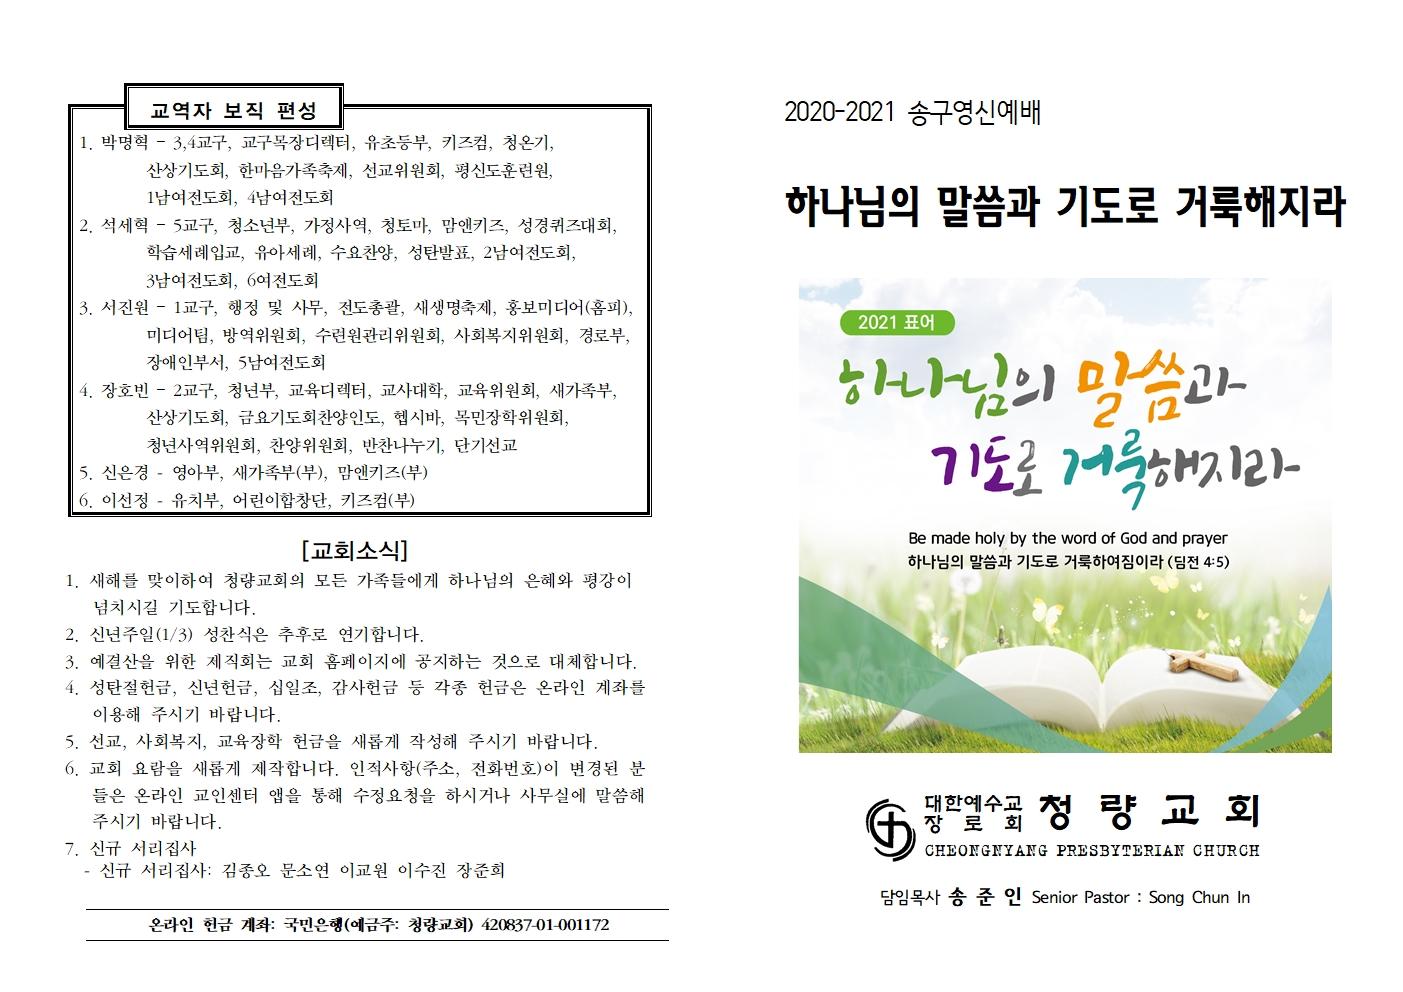 송구영신예배(2021)v2002002.jpg